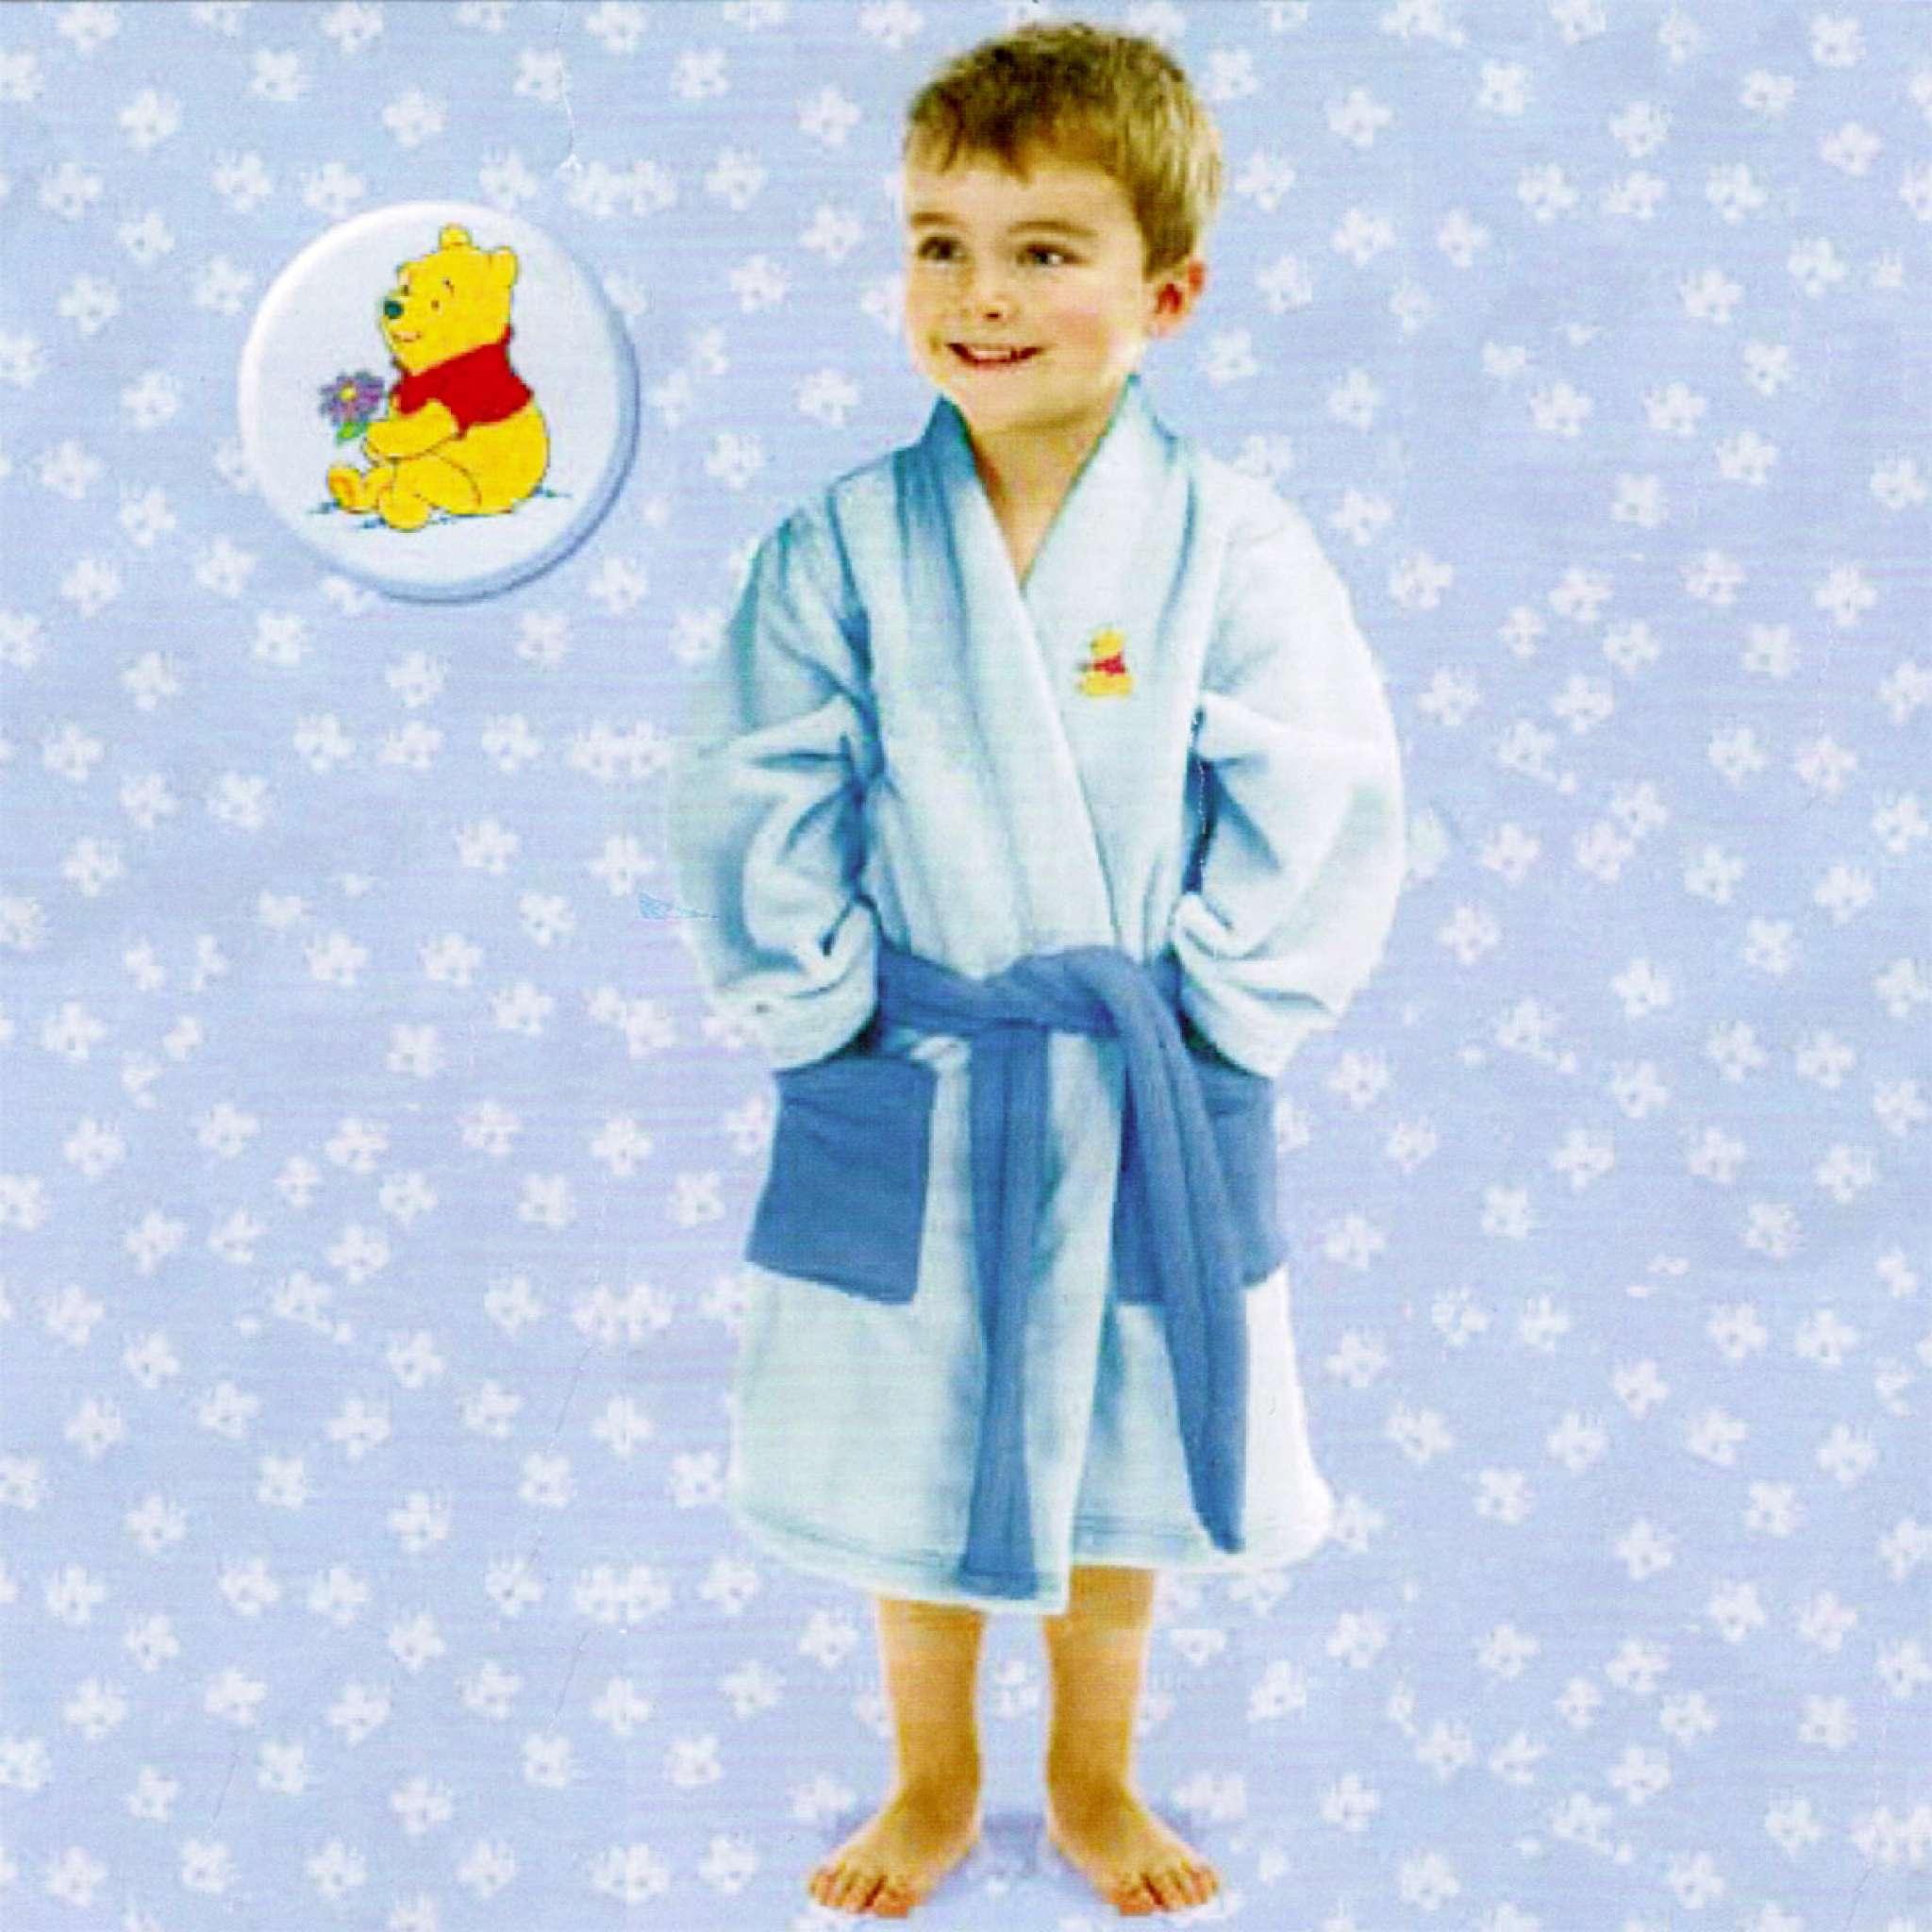 Badekåpe Barn Ole brumm 8-10 år